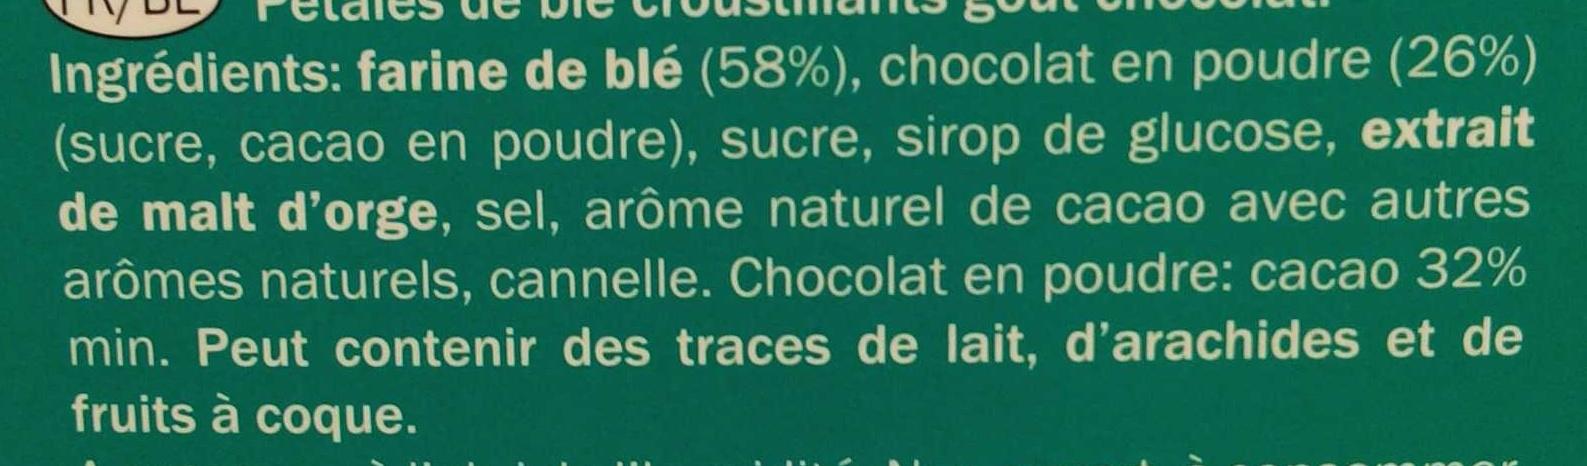 Flakers Choco - Ingrédients